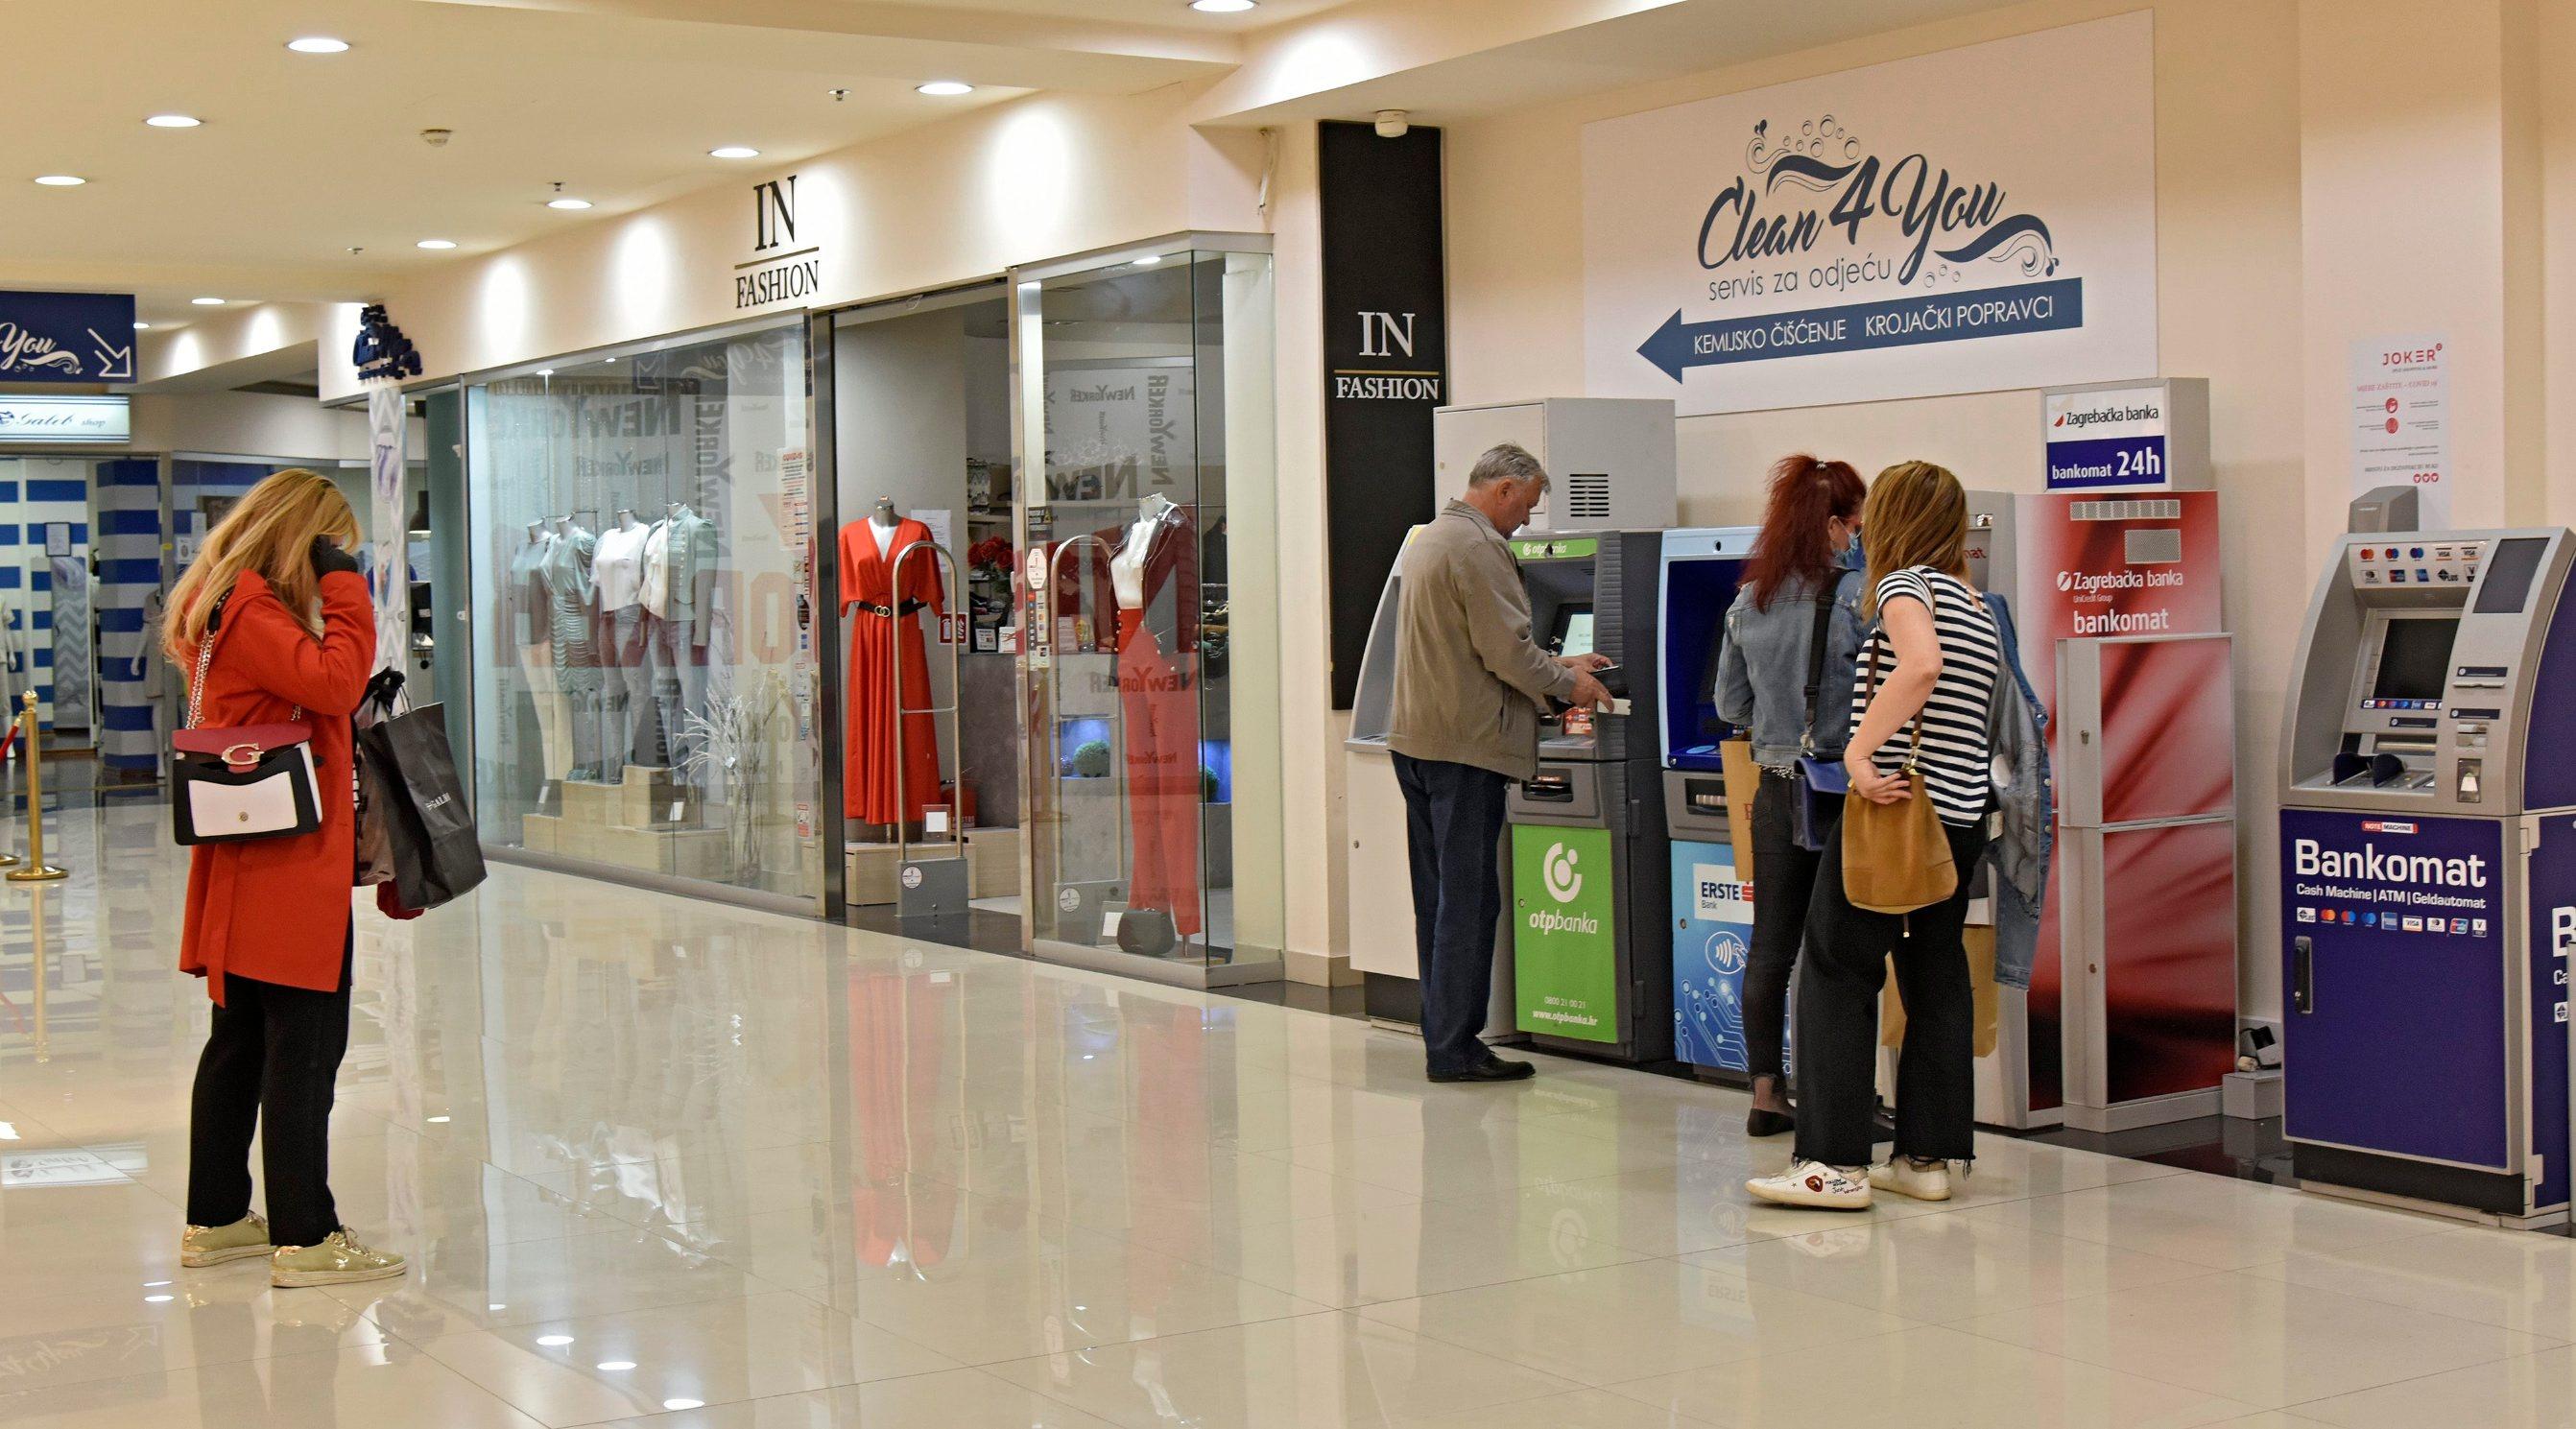 Split,110520 Shopping centar Joker. Danas je dopusteno otvaranje shoping centara u cijeloj Hrvatskoj kao dio popustanja mjera zastite od korona virusa. Na fotografiji: red na bankomatima. Foto: Josko Supic / CROPIX